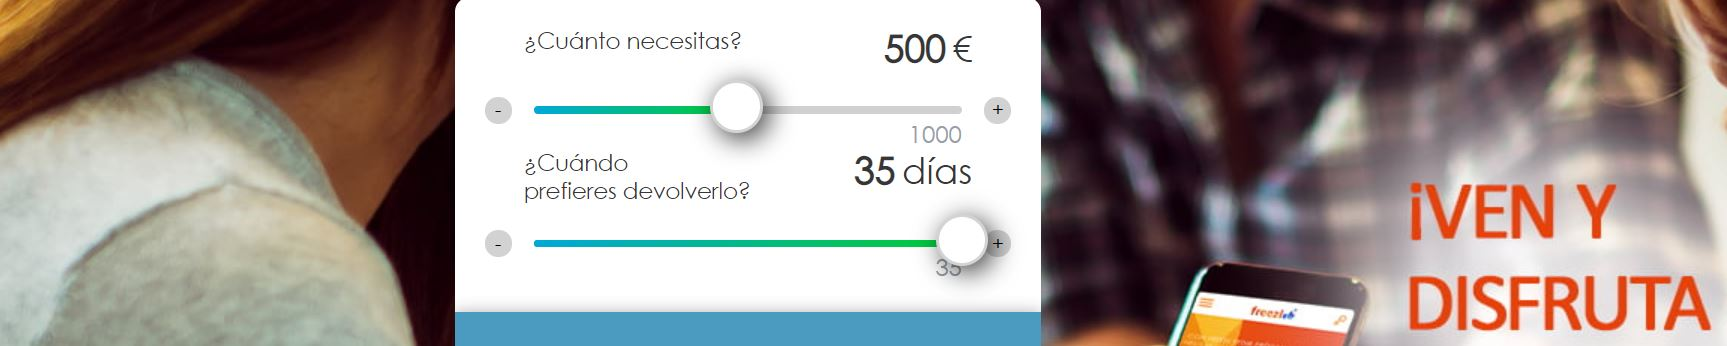 Los préstamos 500 son la mejor opción para conseguir dinero rápido.